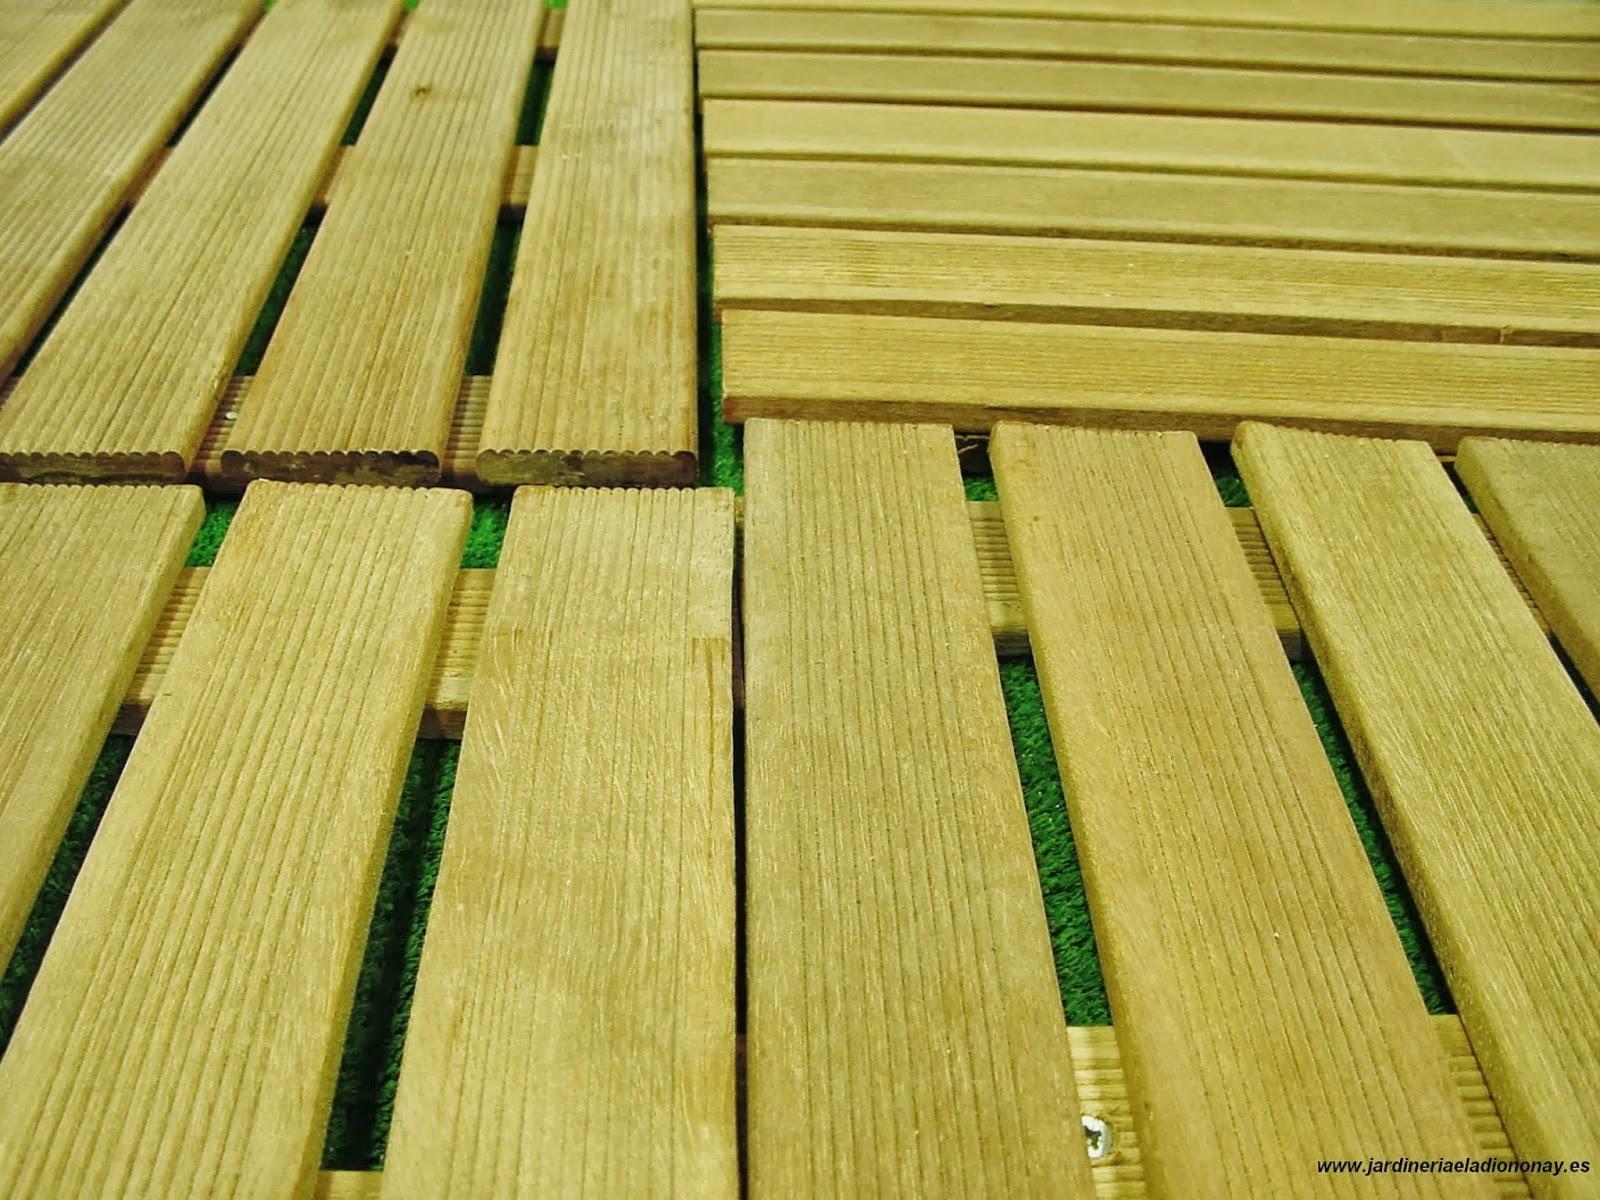 Jardineria eladio nonay losetas o paneles de madera - Paneles madera jardin ...